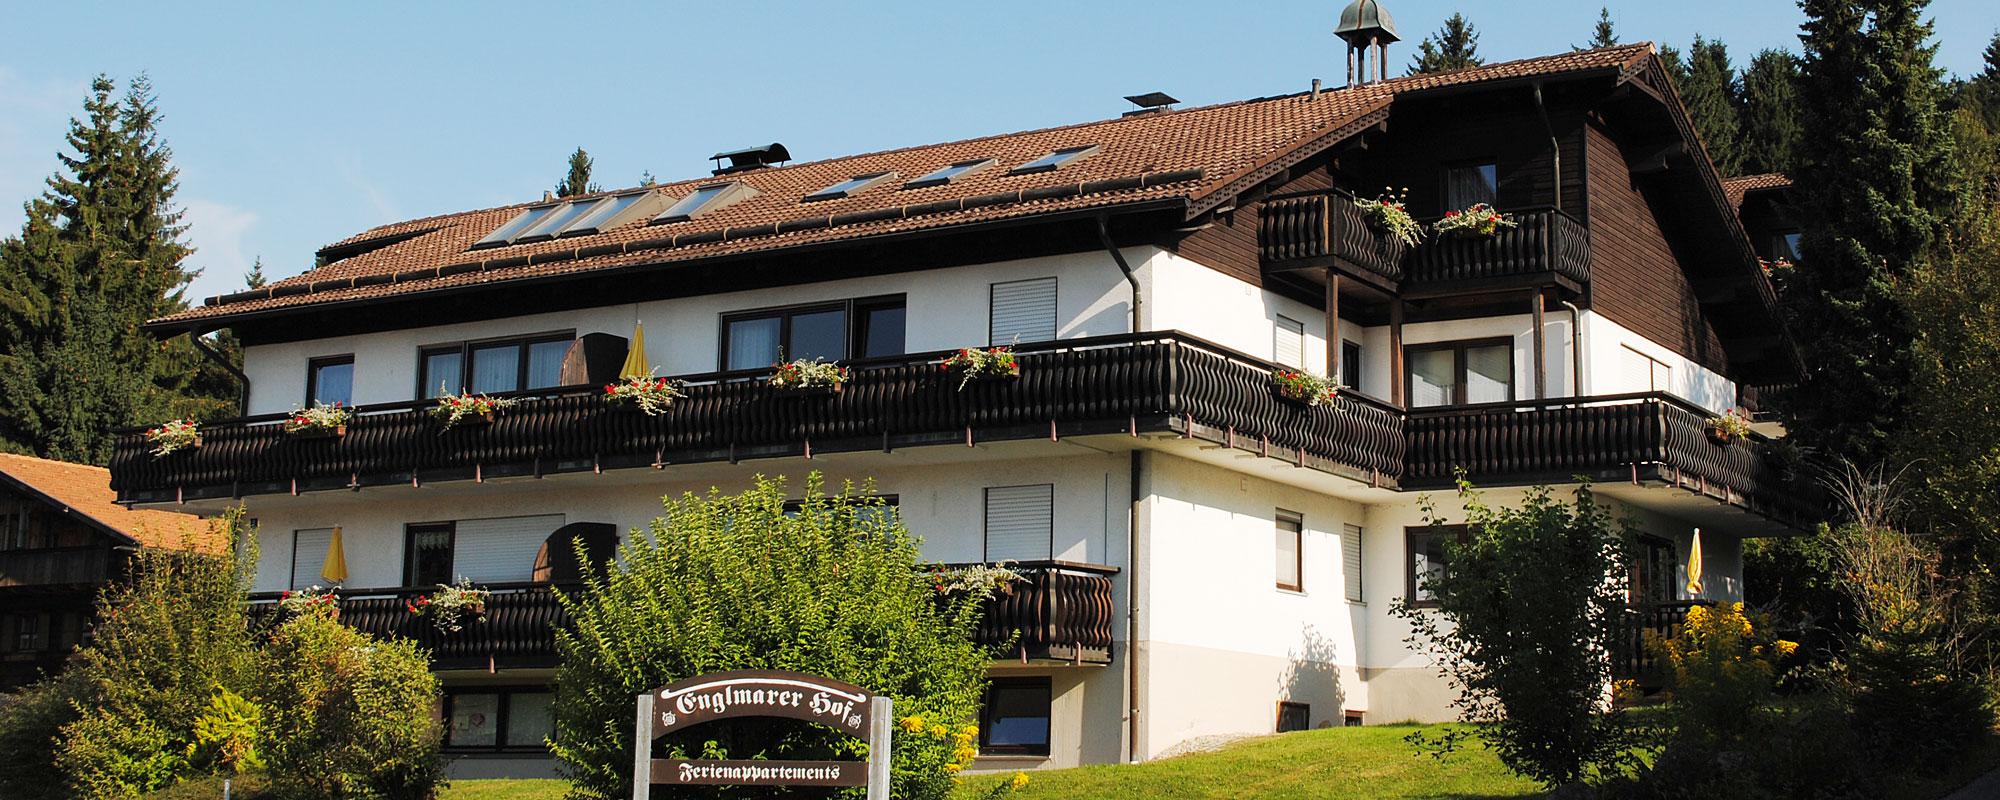 Englmarer Hof - Ferienwohnungen in Sankt Englmar, Bayern